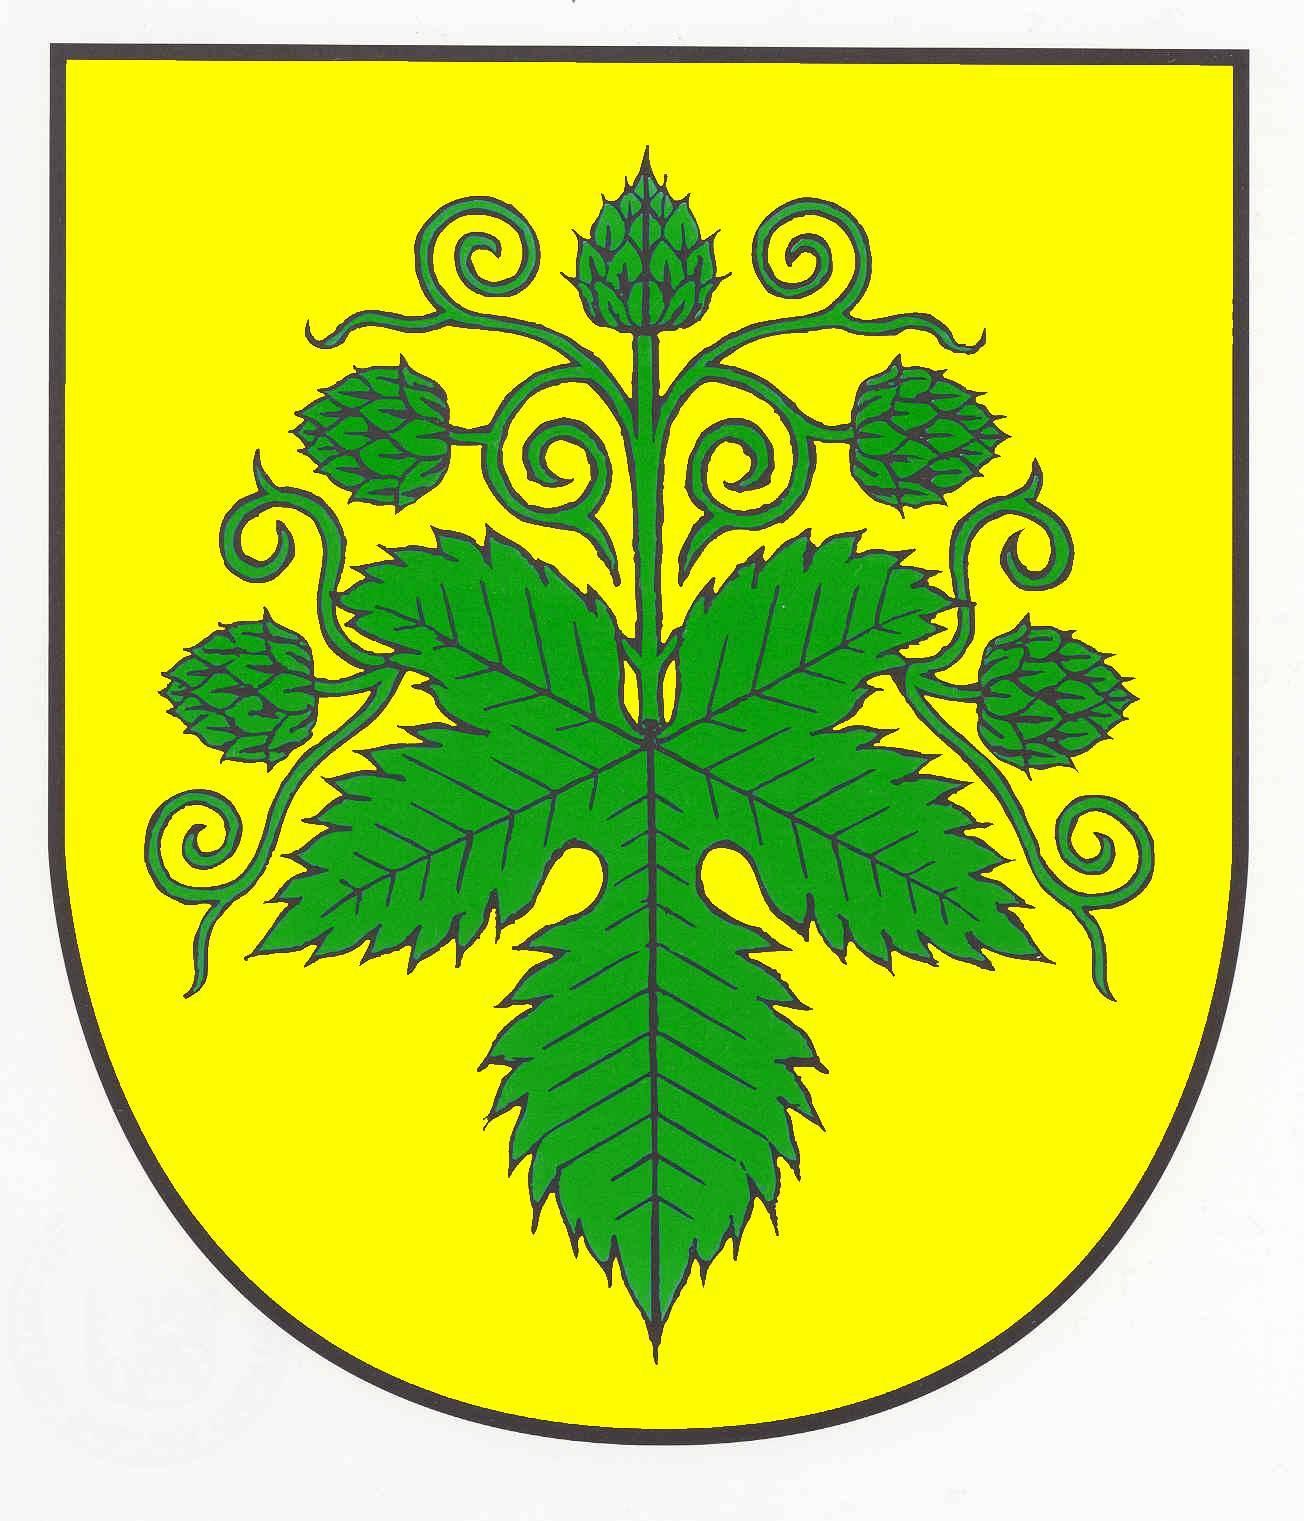 Wappen GemeindeHummelfeld, Kreis Rendsburg-Eckernförde